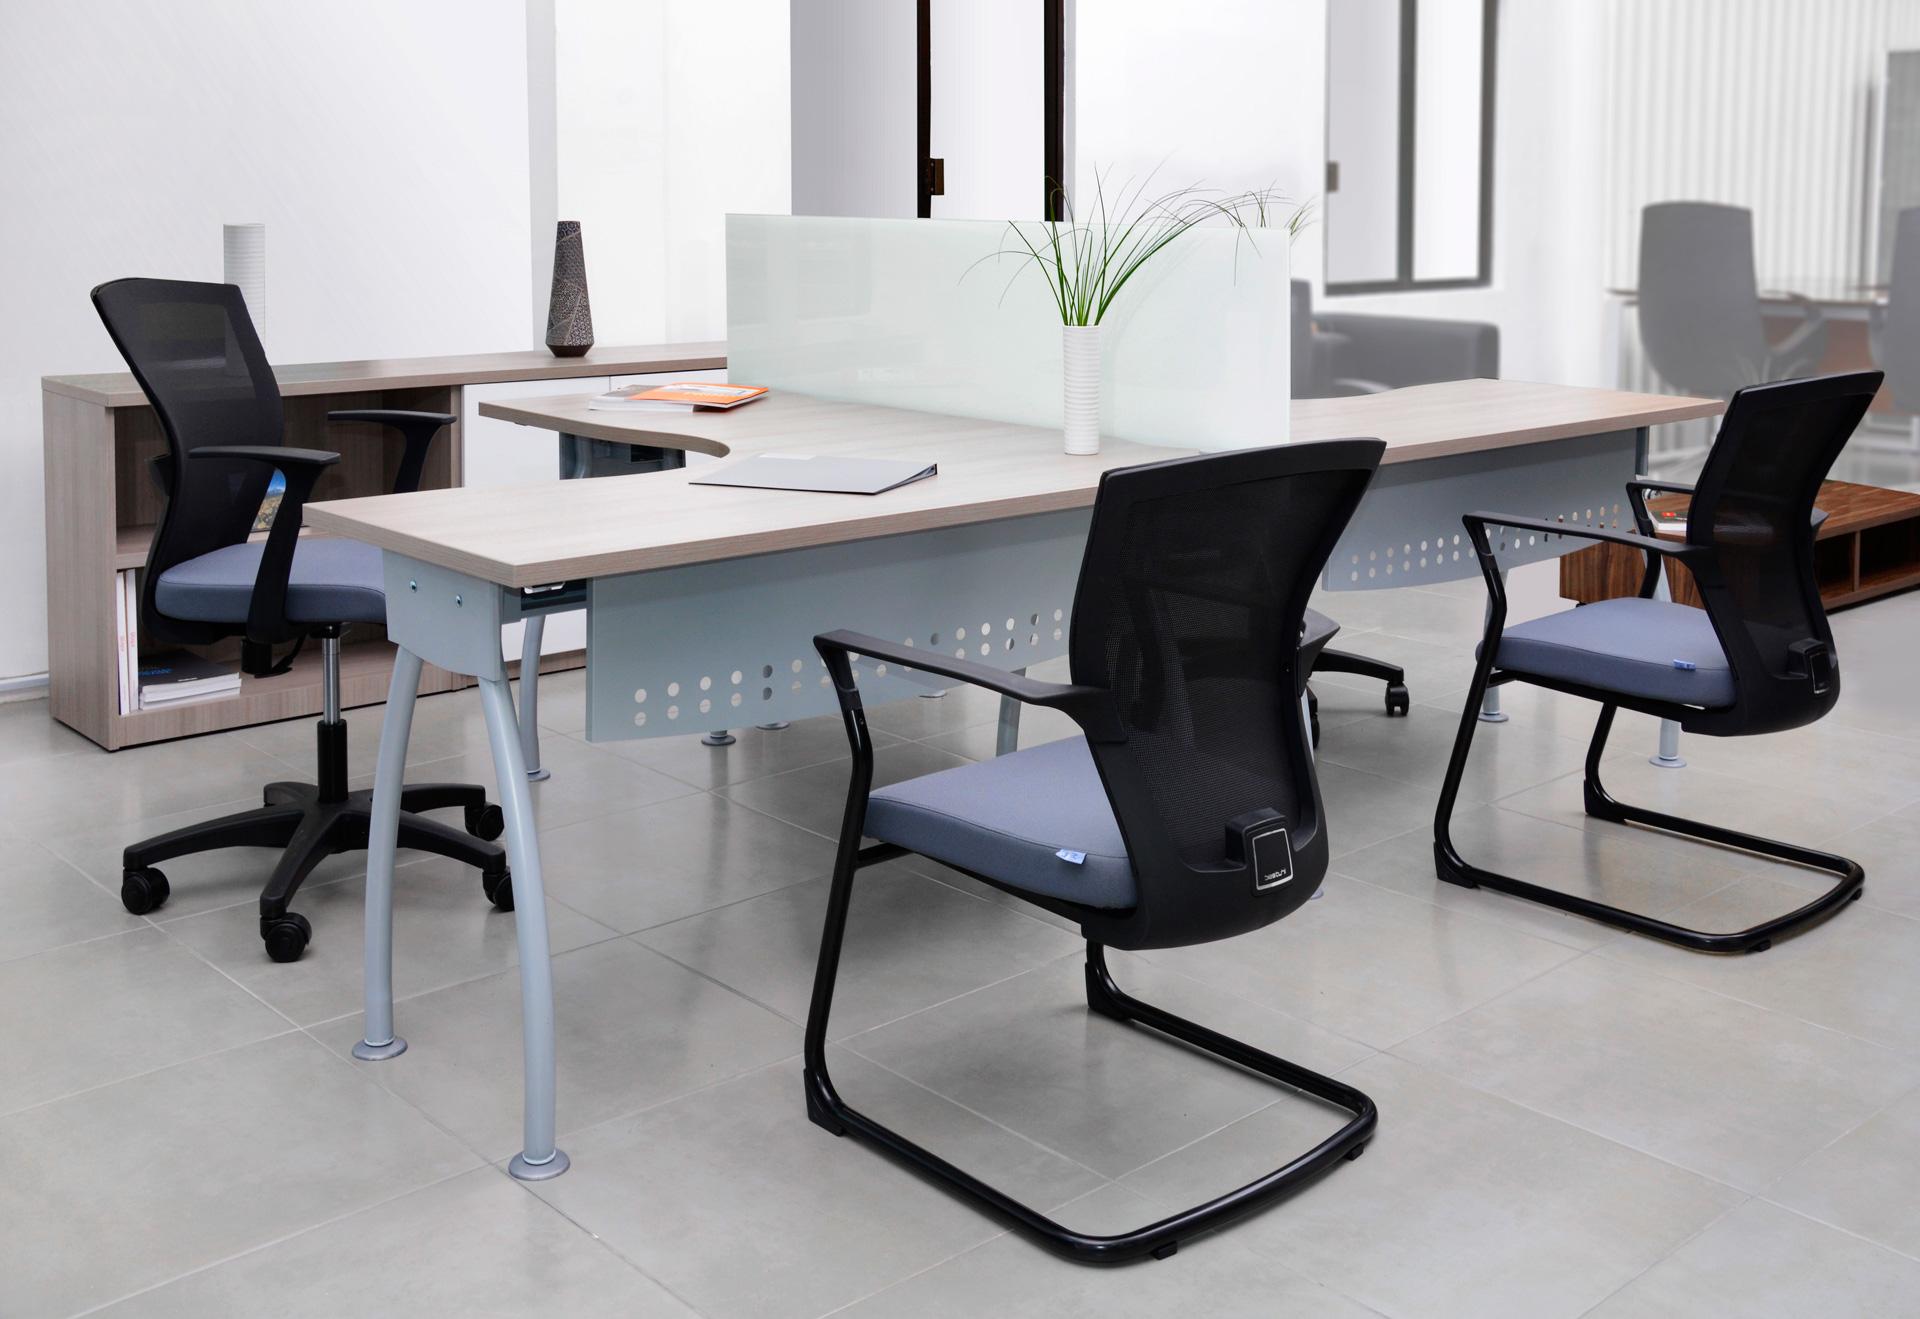 muebles para oficina queretaro 08 muebles para oficina